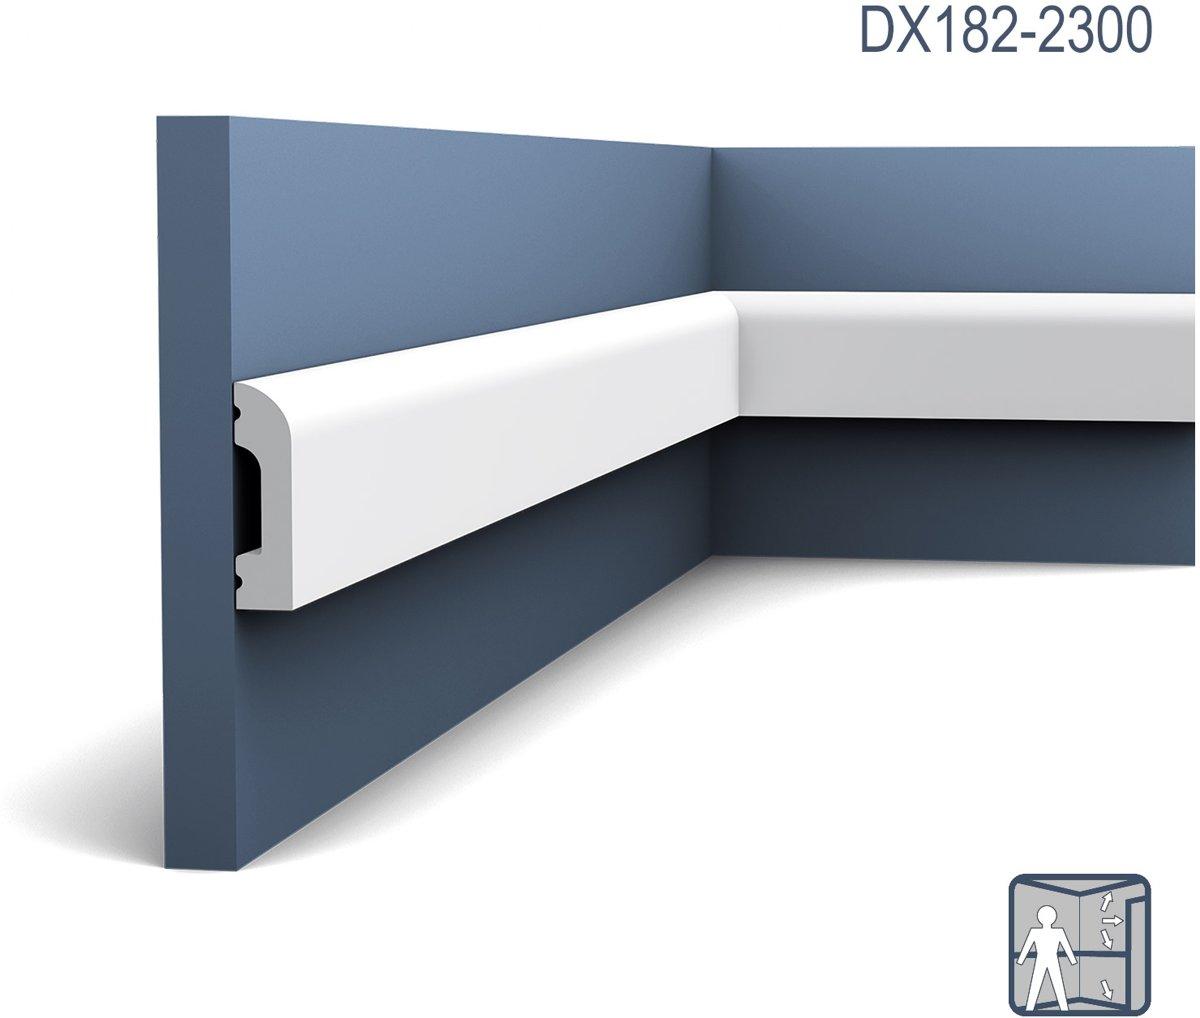 Deuromlijsting Orac Decor DX182-2300 AXXENT CASCADE Plint Wandlijst modern design wit 2,3m kopen